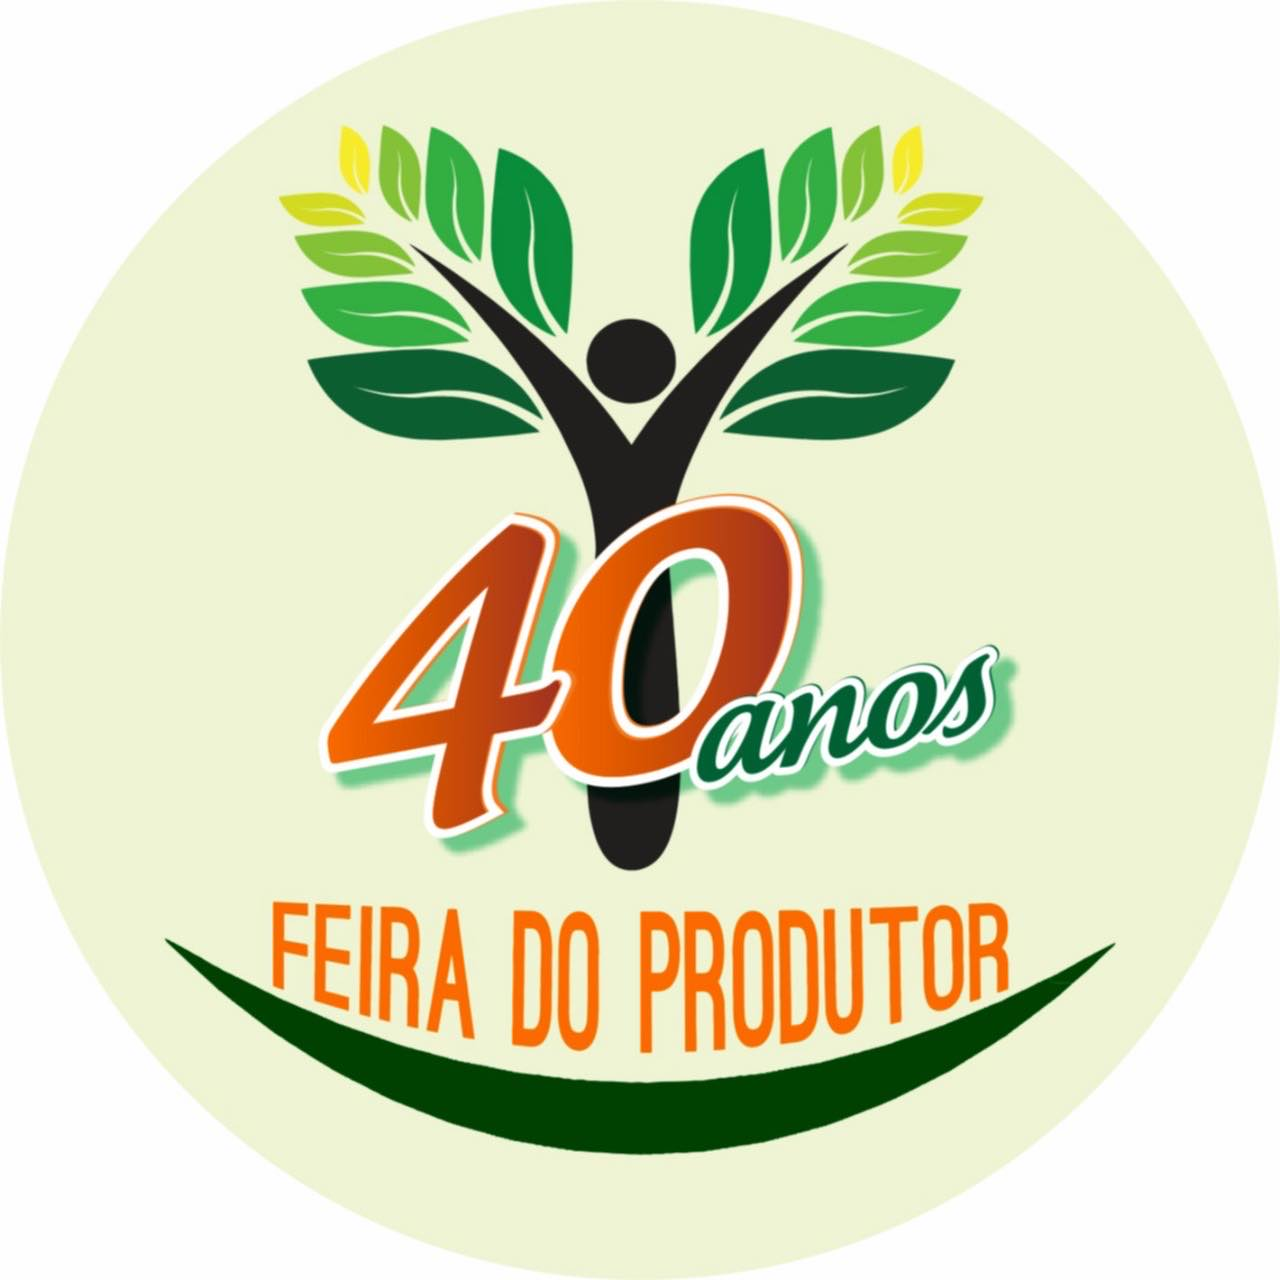 Logo 40 anos feira do produtor